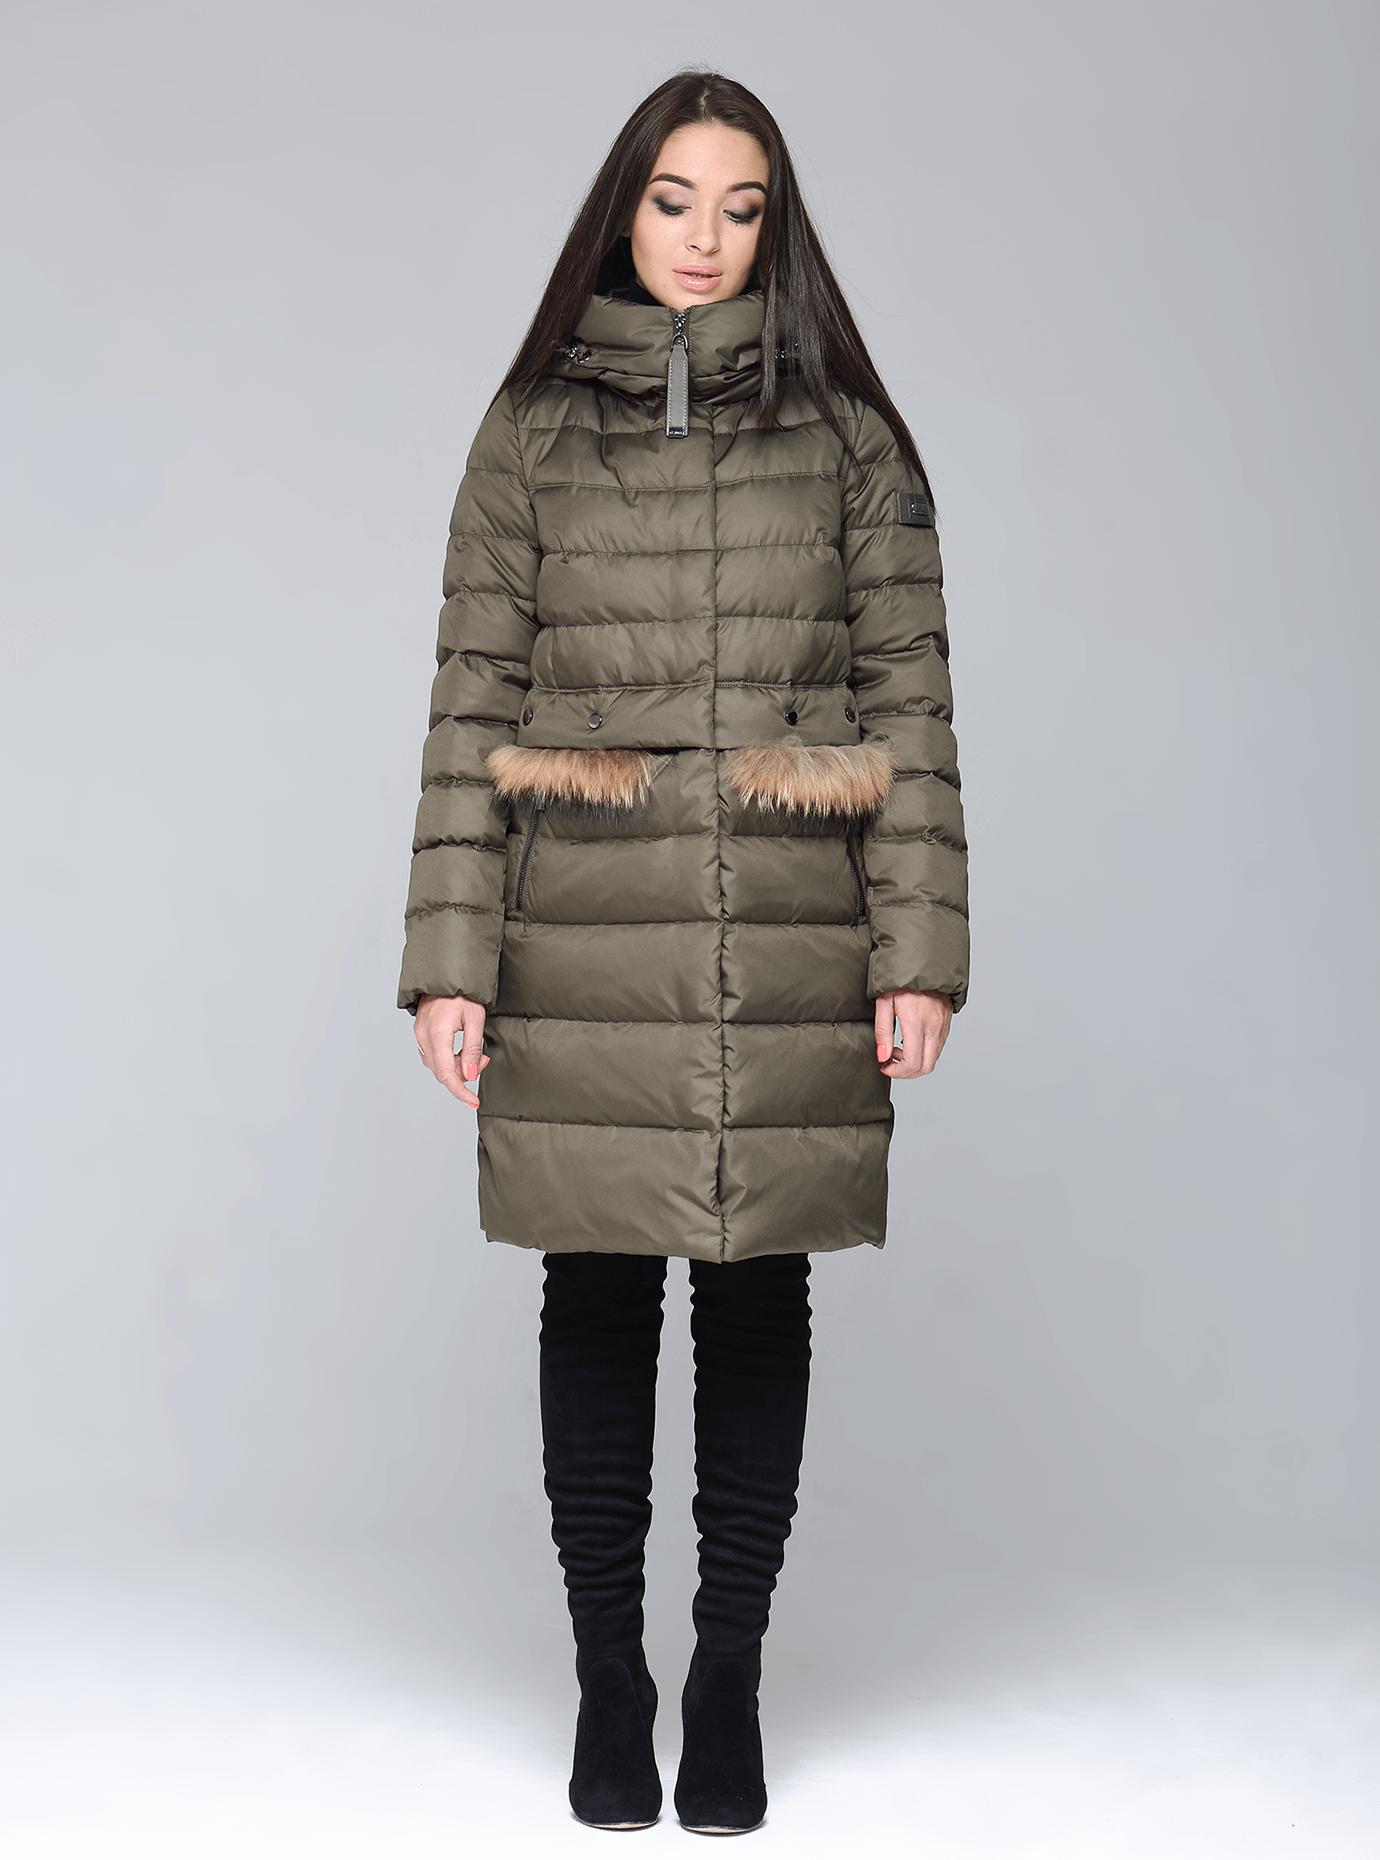 Куртка зимняя женская меховые вставки Чёрный S (02-CR170256): фото - Alster.ua